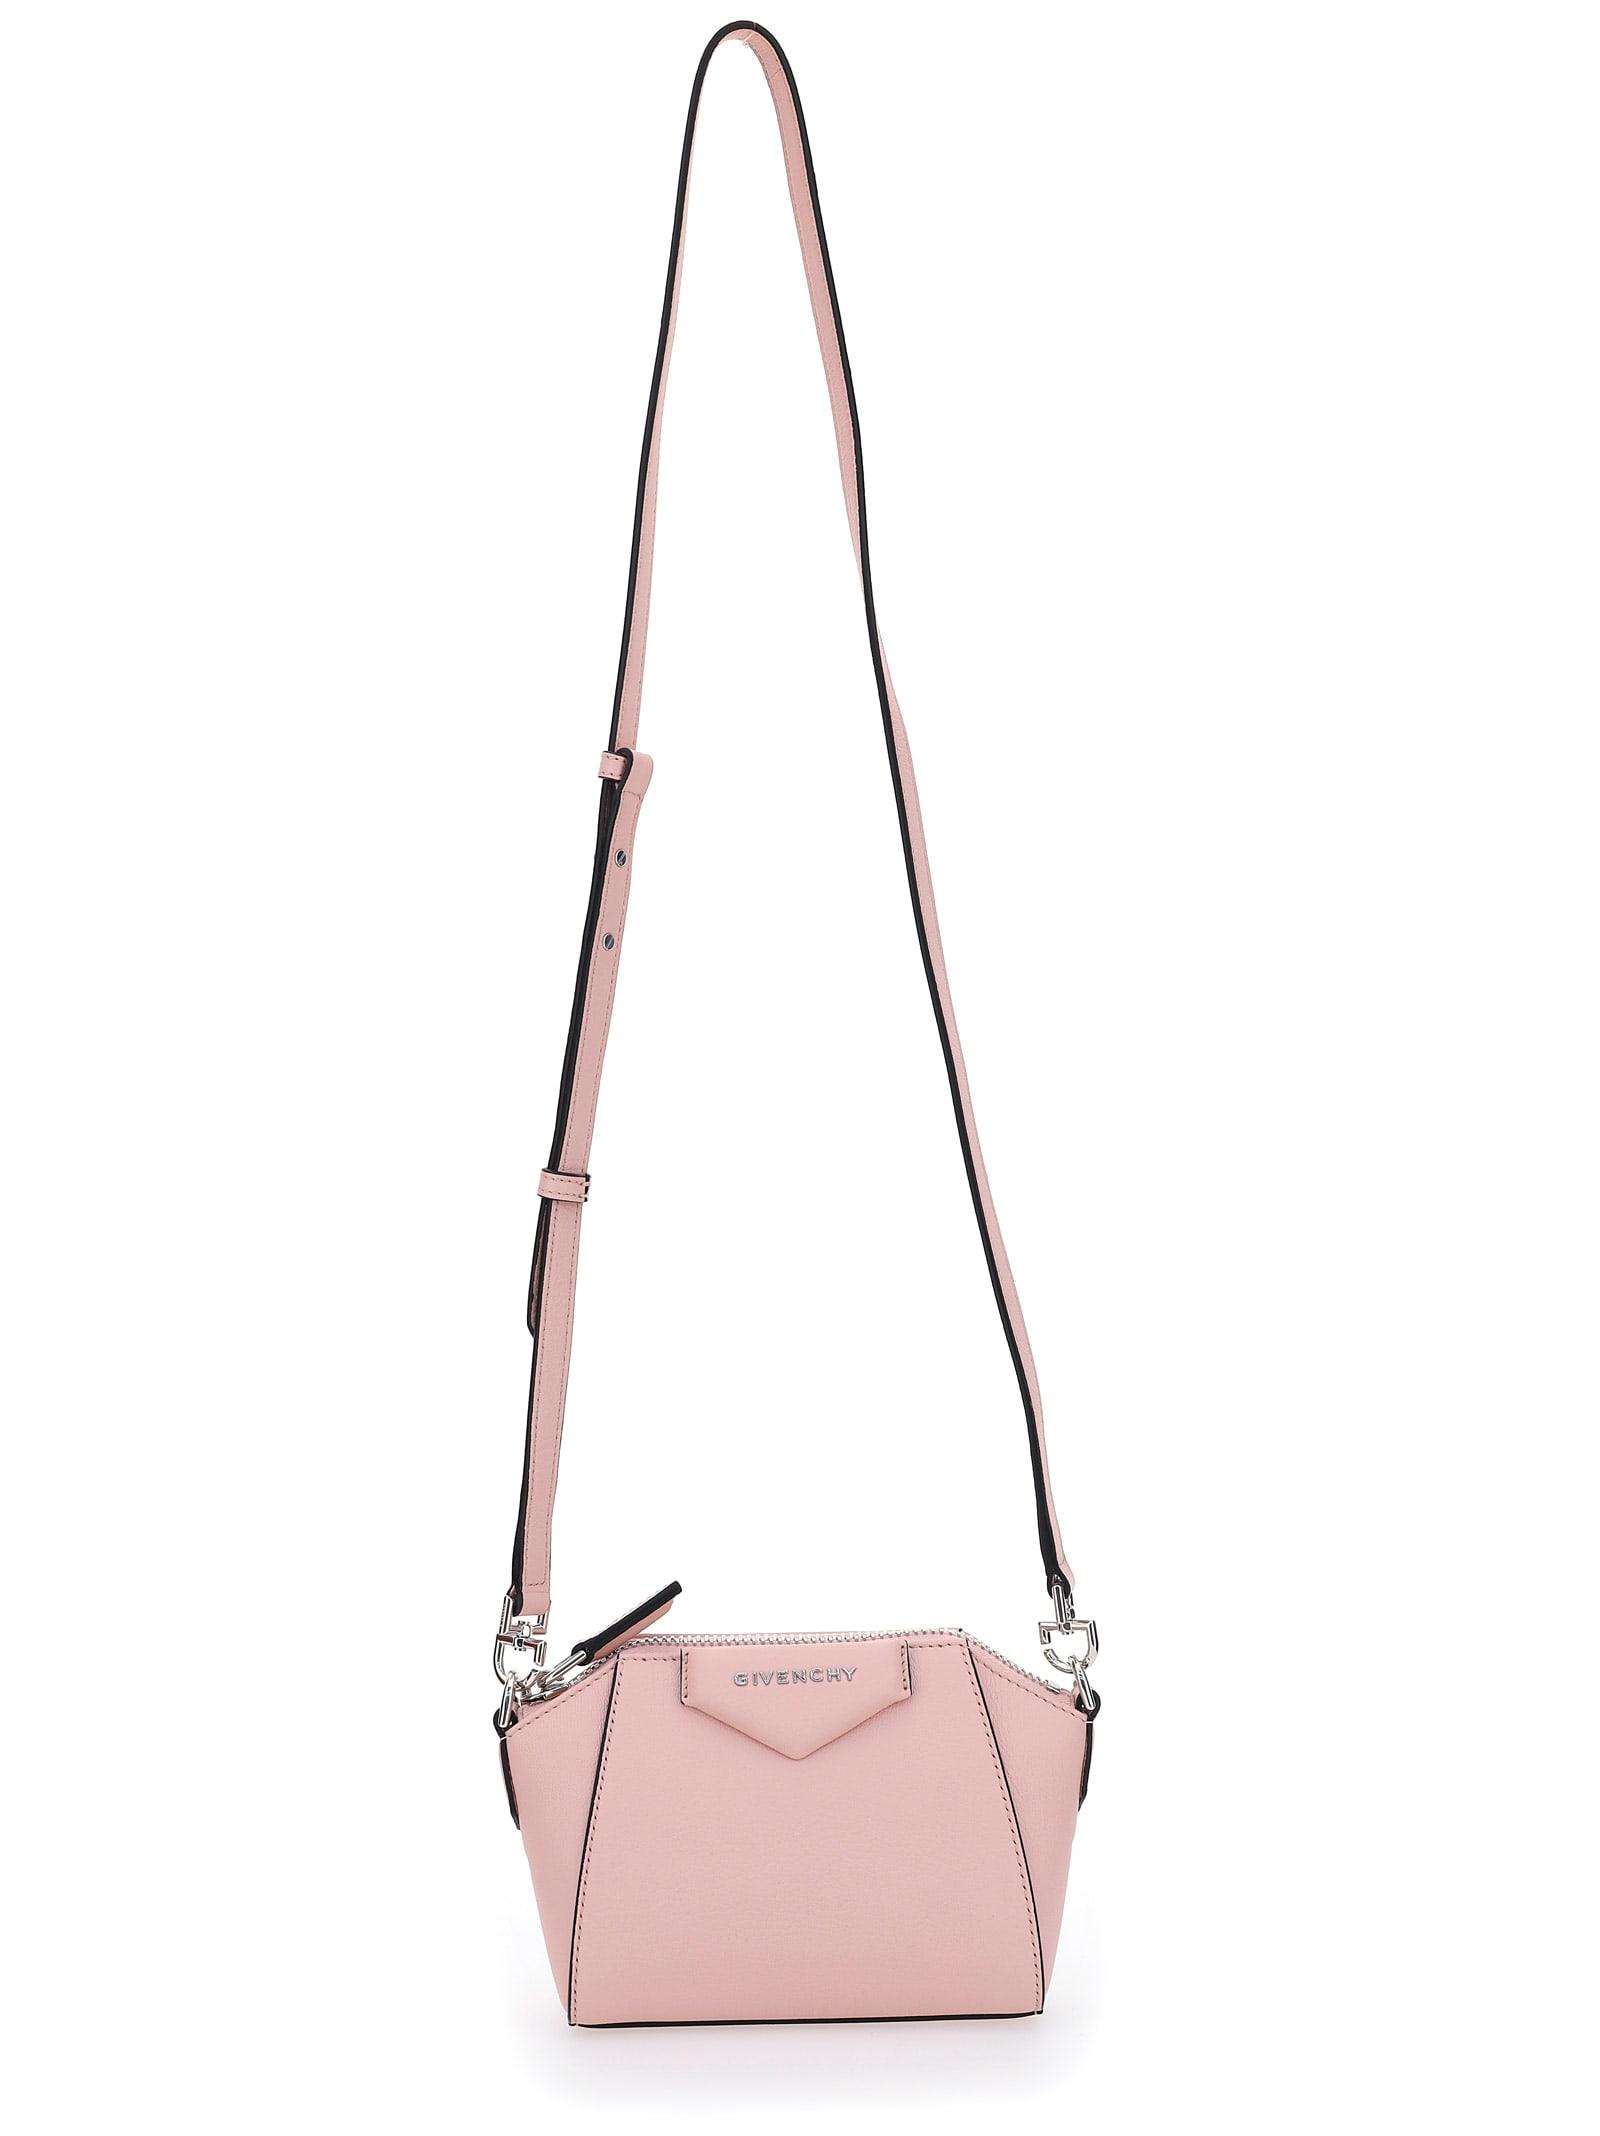 Givenchy ANTIGONA NANO SHOULDER BAG